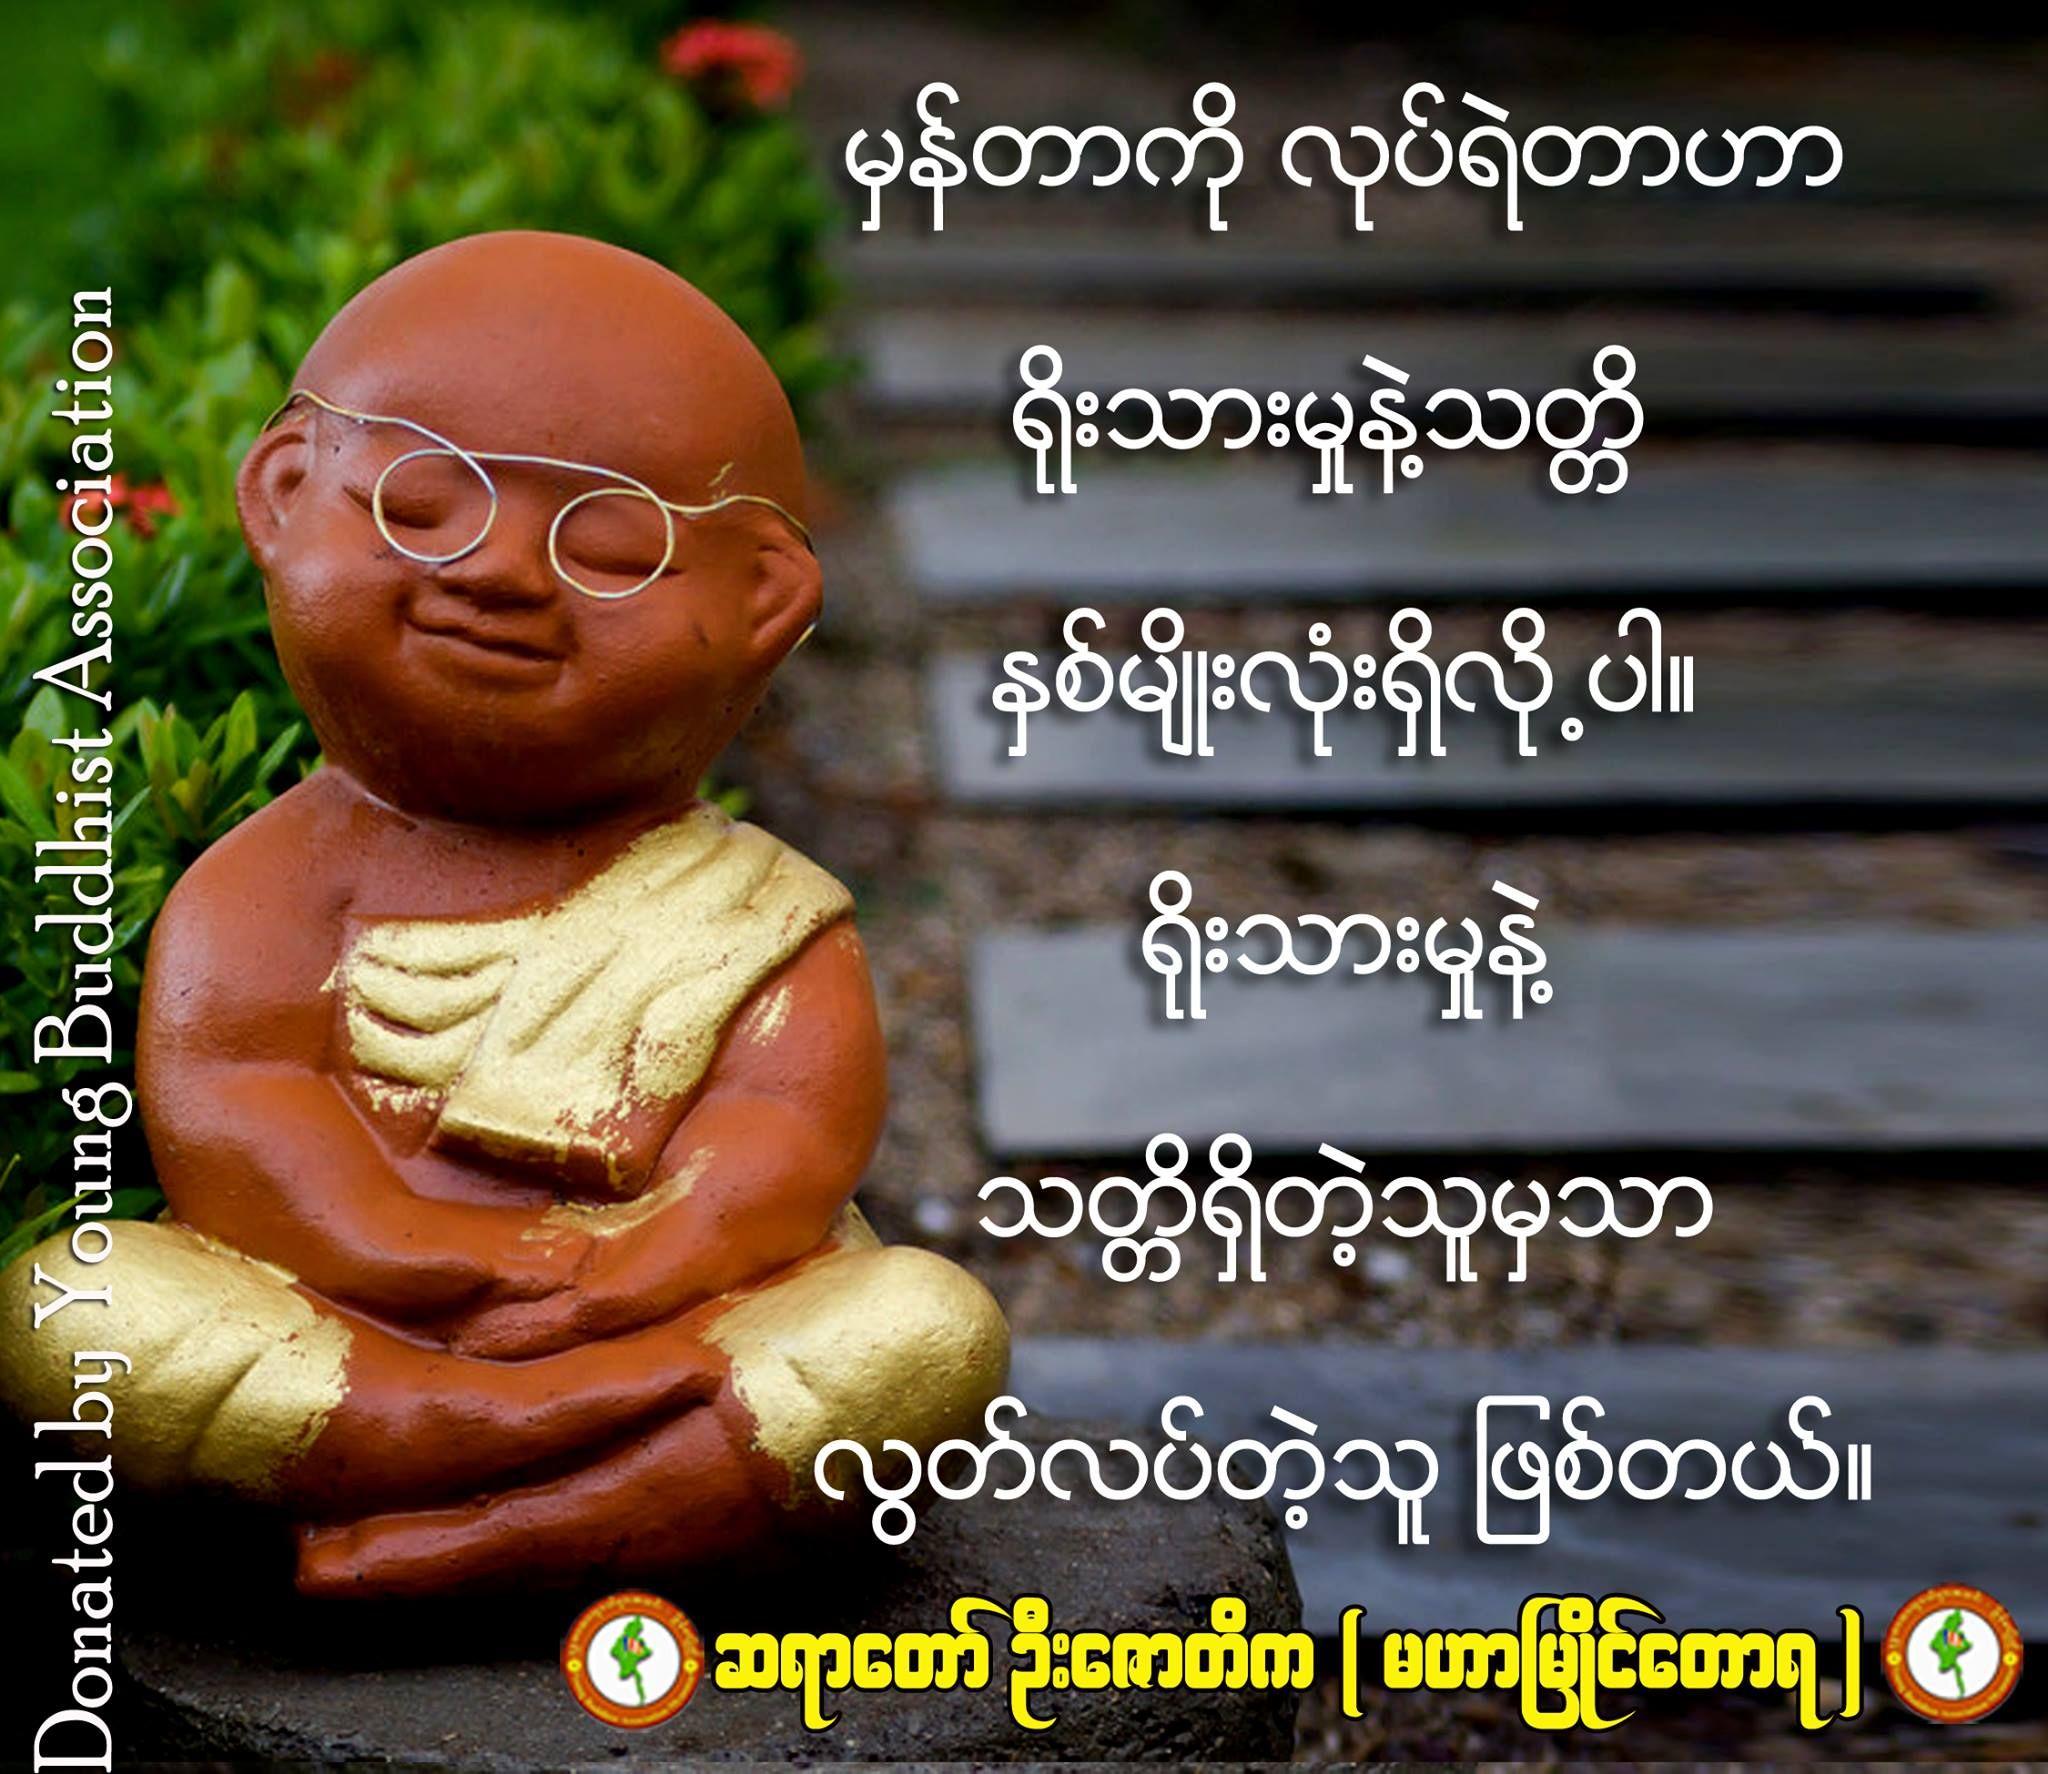 ရုိးသားမႈနဲ႕ သတိၱရွိတဲ့သူမွသာ လြတ္လပ္တဲ့သူ ျဖစ္တယ္။  Dhamma Danã Source ► www.facebook.com/youngbuddhistassociation.mm